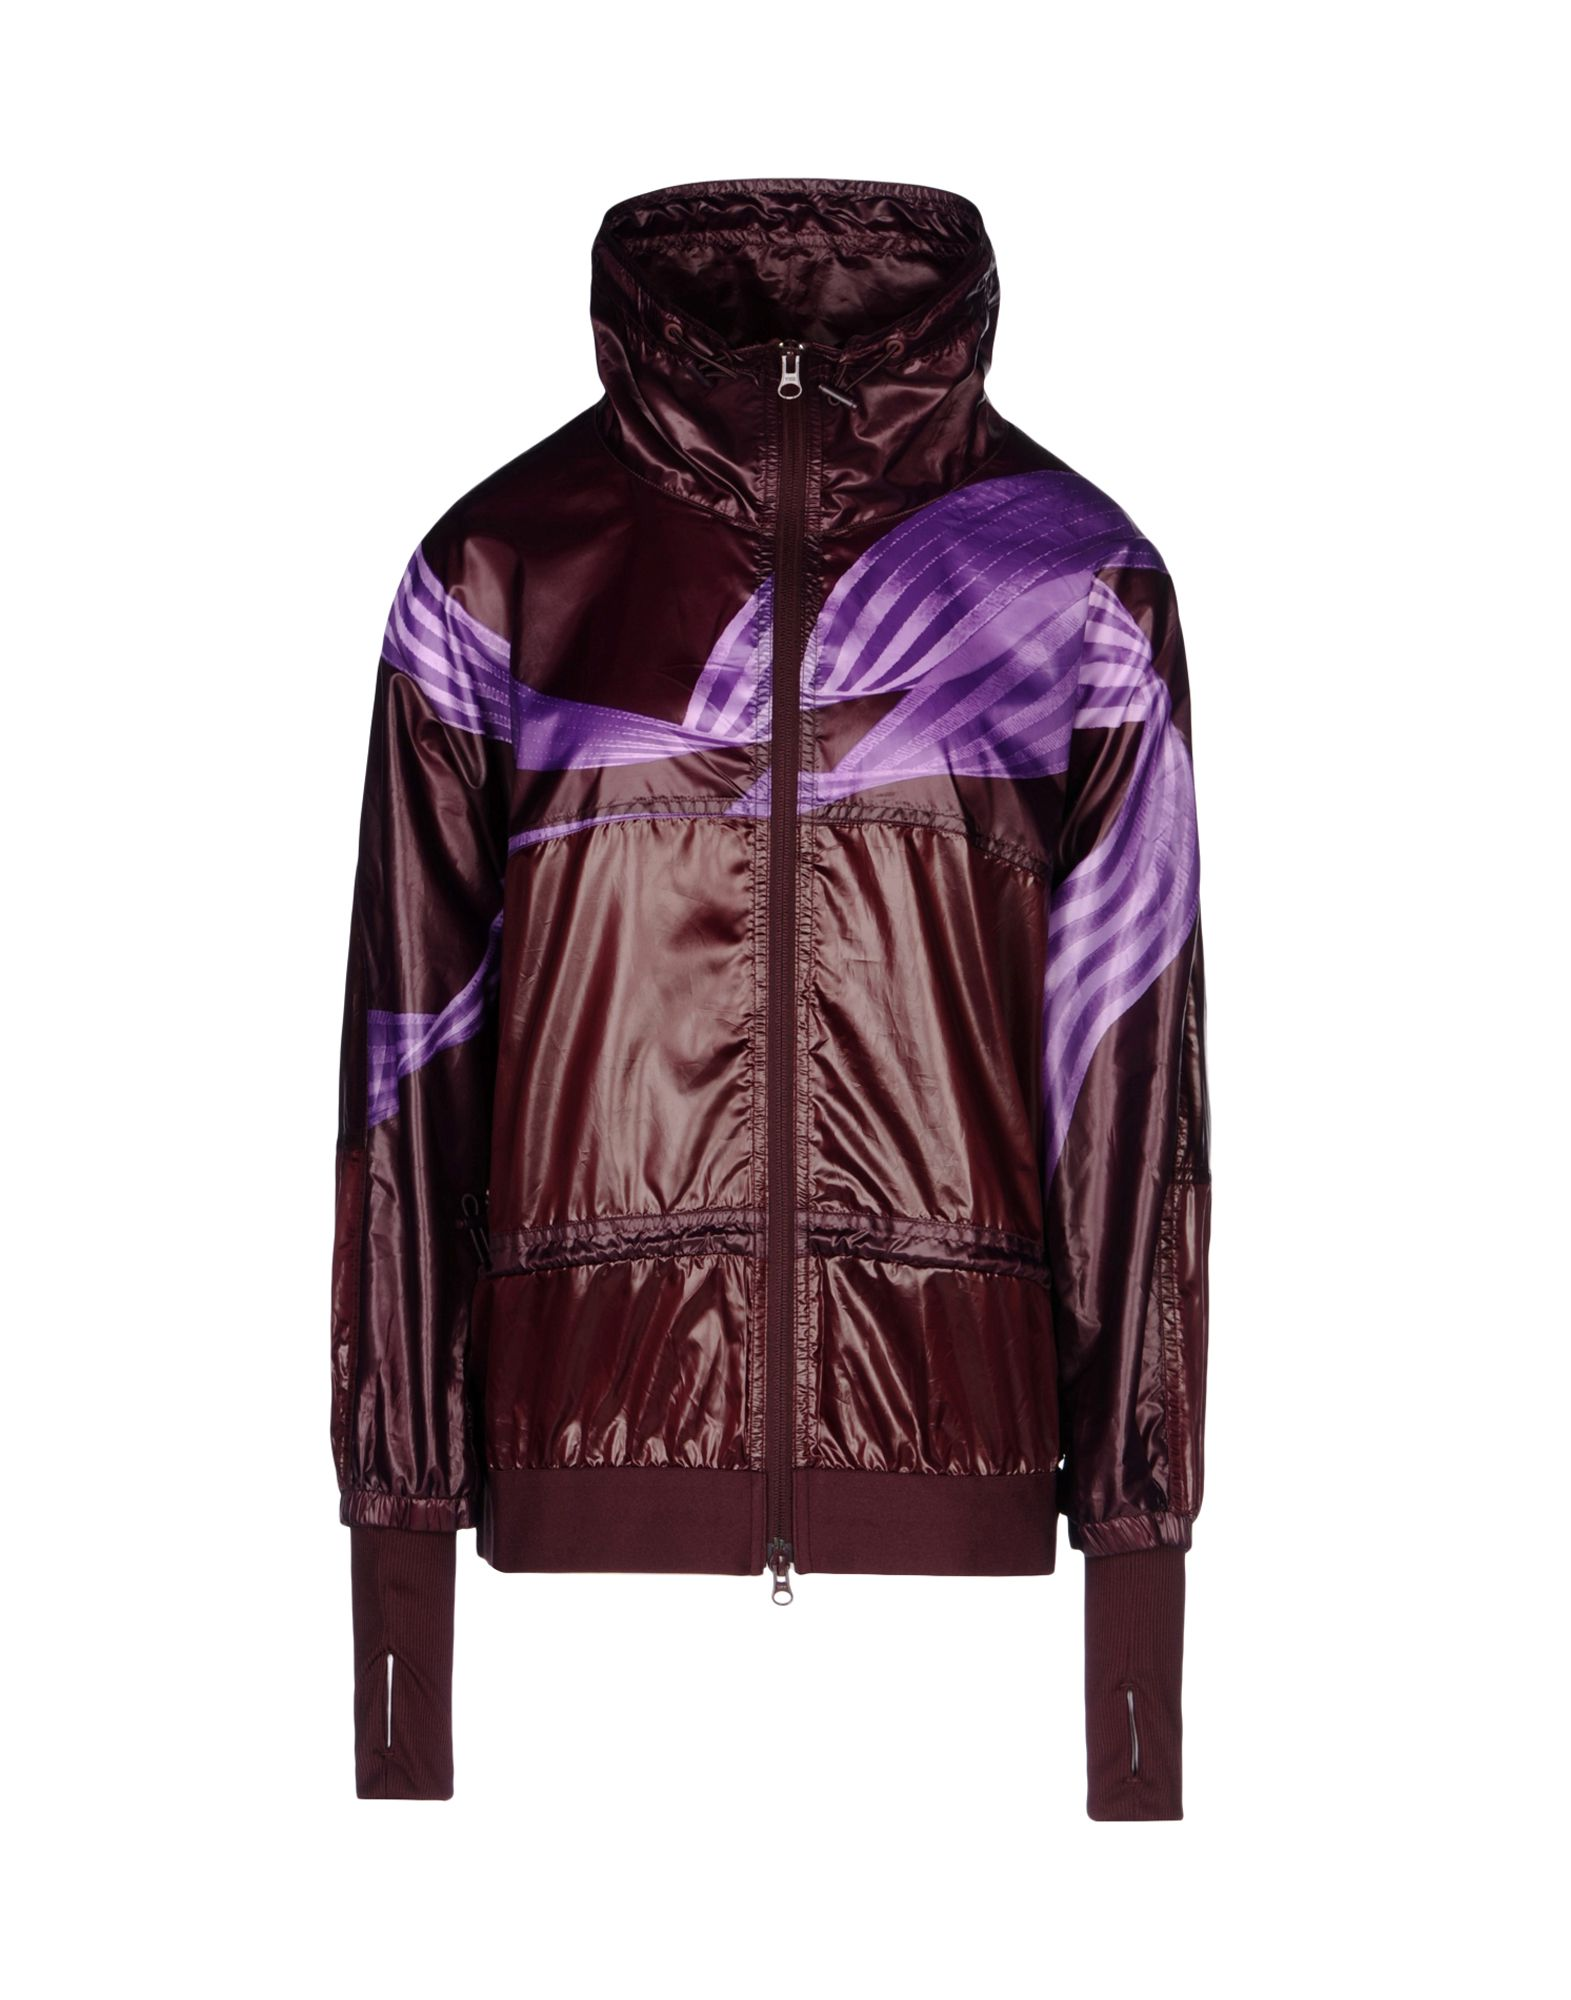 ADIDAS by STELLA McCARTNEY Куртка одежда для фитнеса adidas stella mccartney o09525